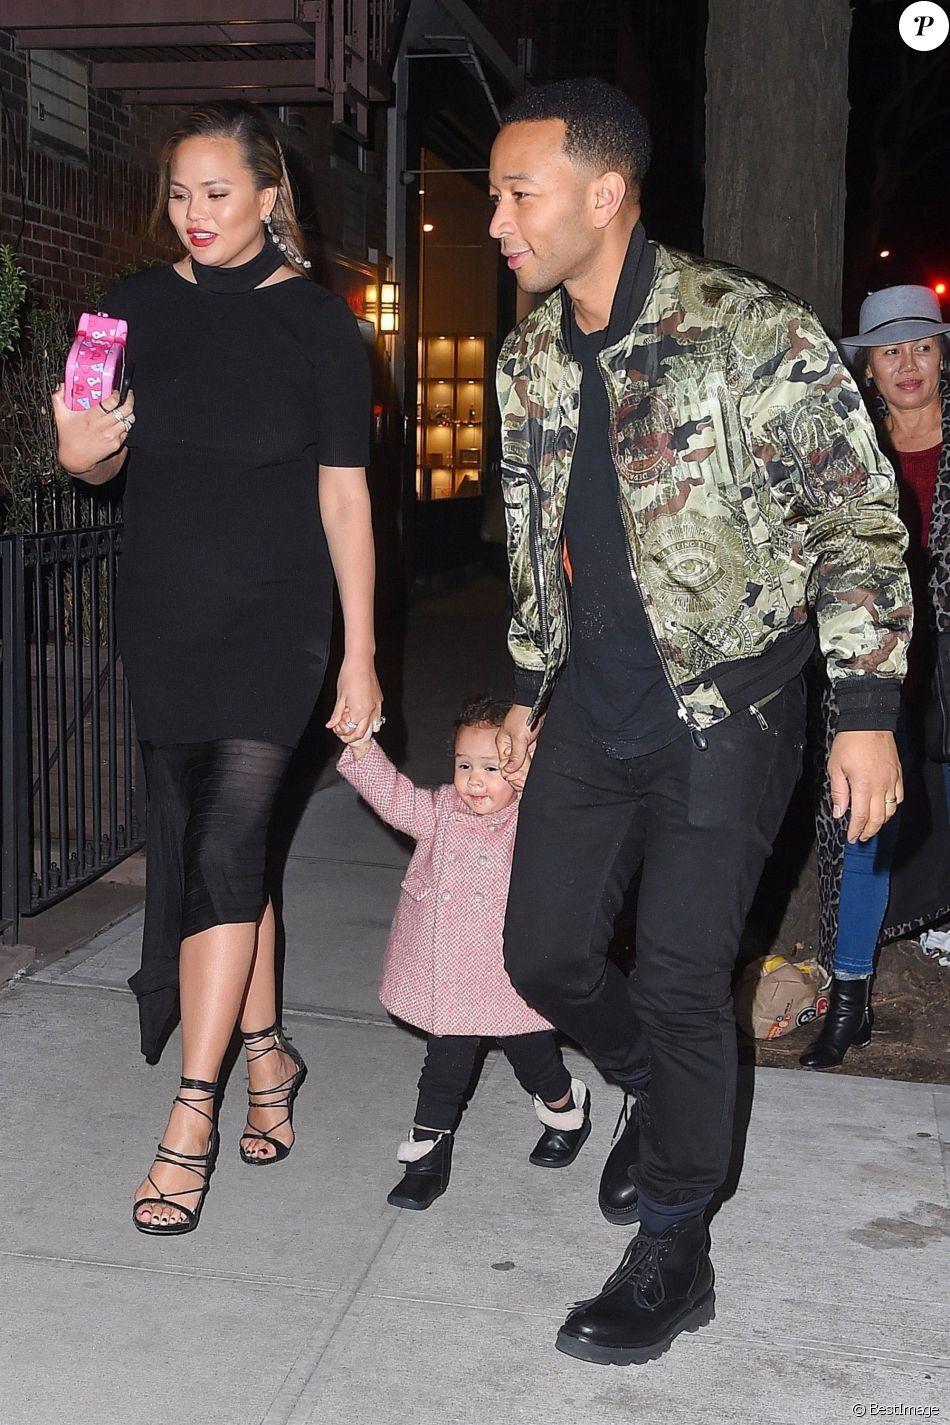 Exclusif - Chrissy Teigen (enceinte), John Legend et leur fille Luna dans les rues de New York, le 31 janvier 2018